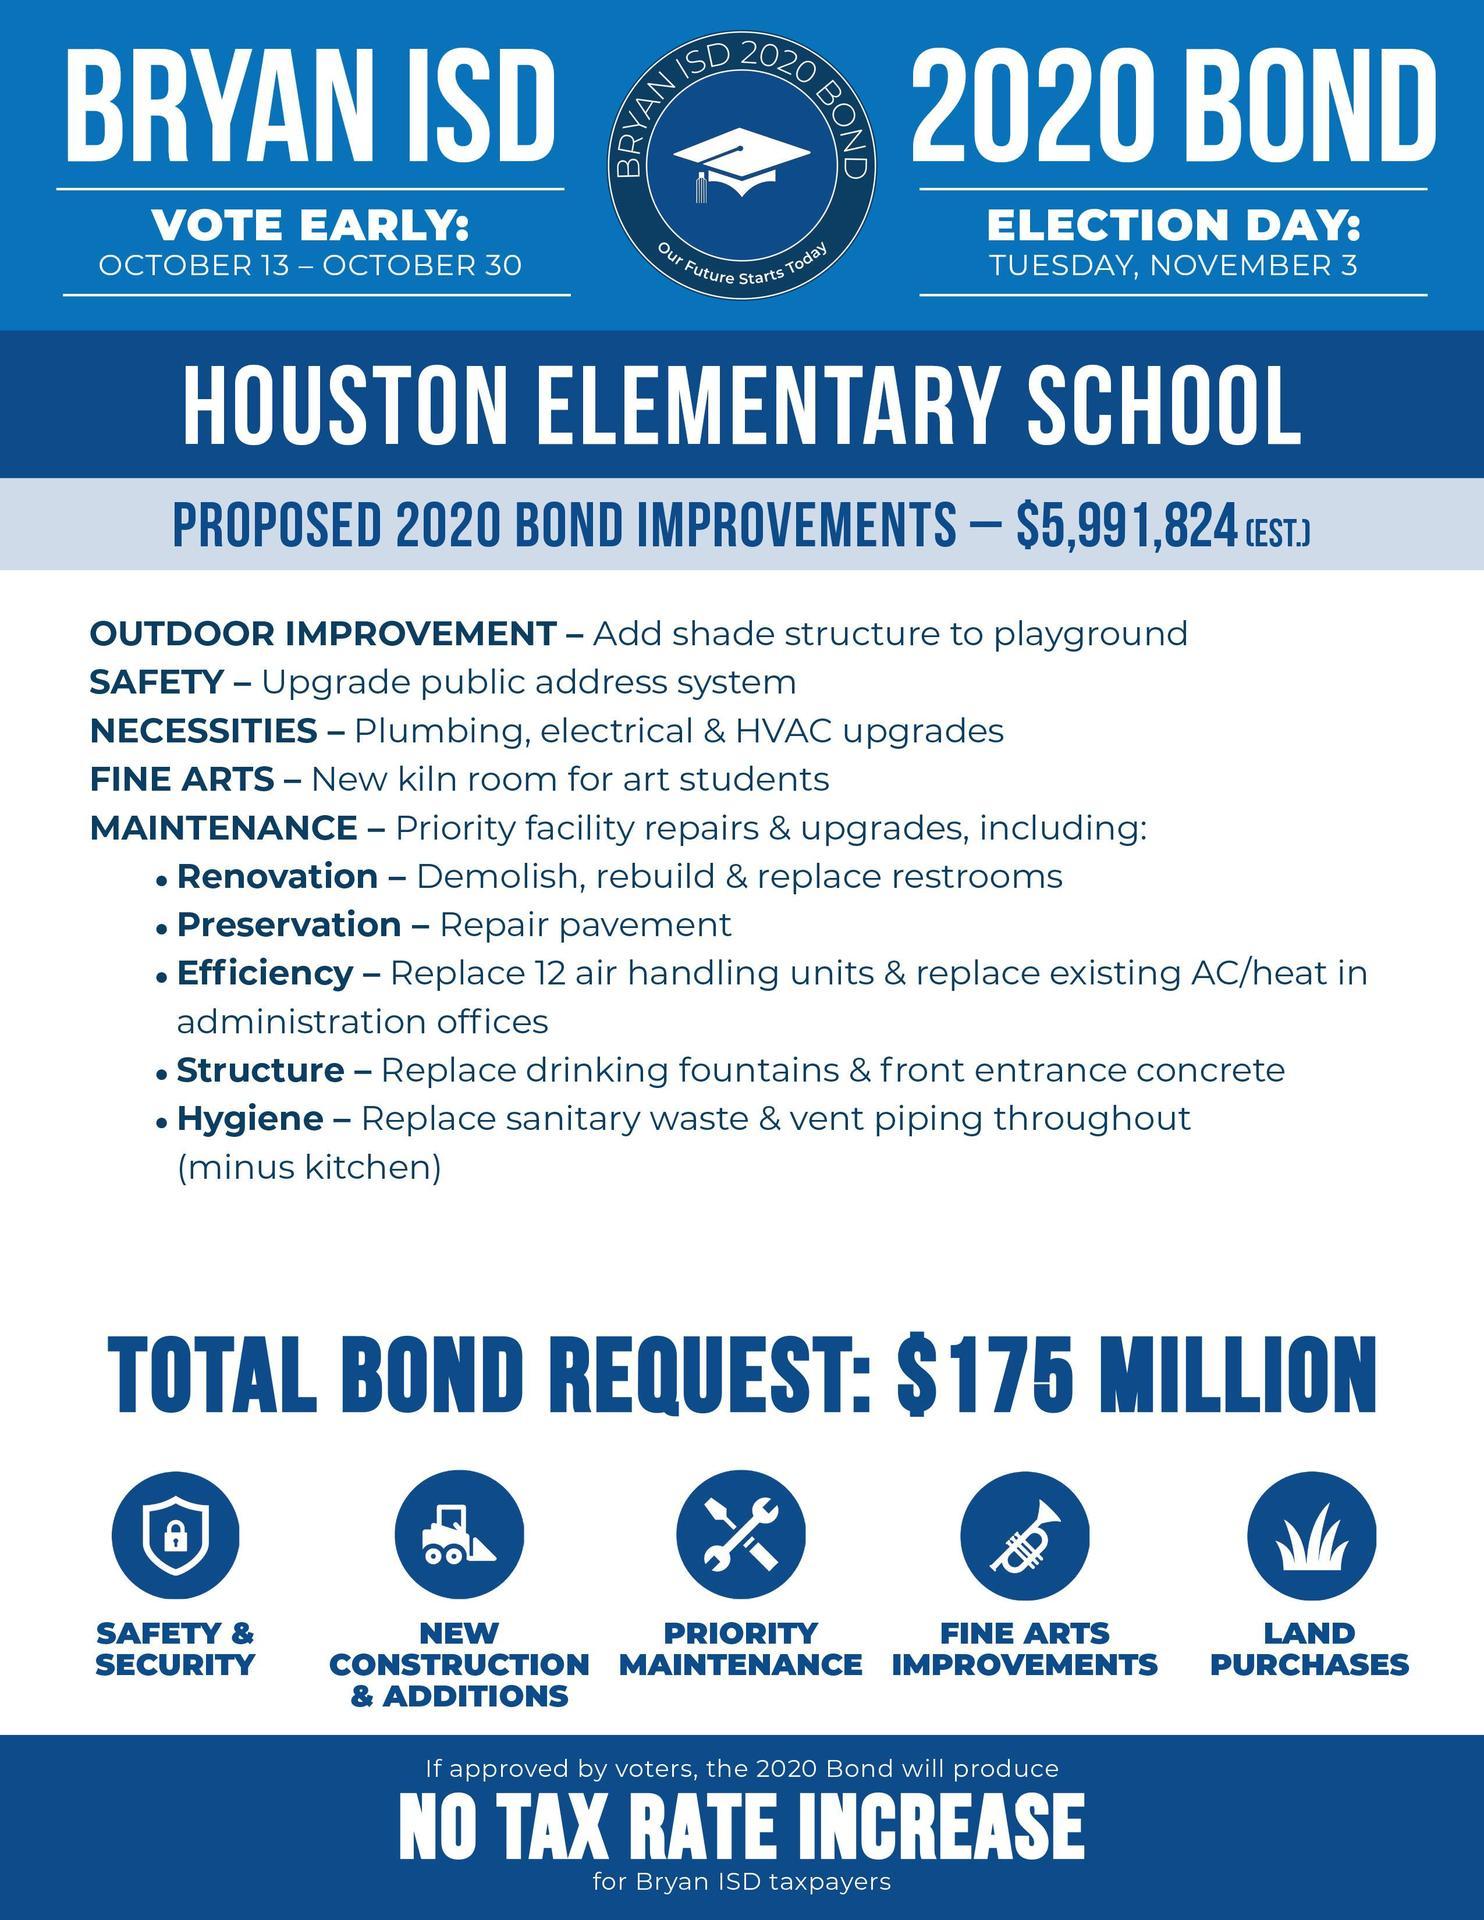 Houston Elementary School Bond Information